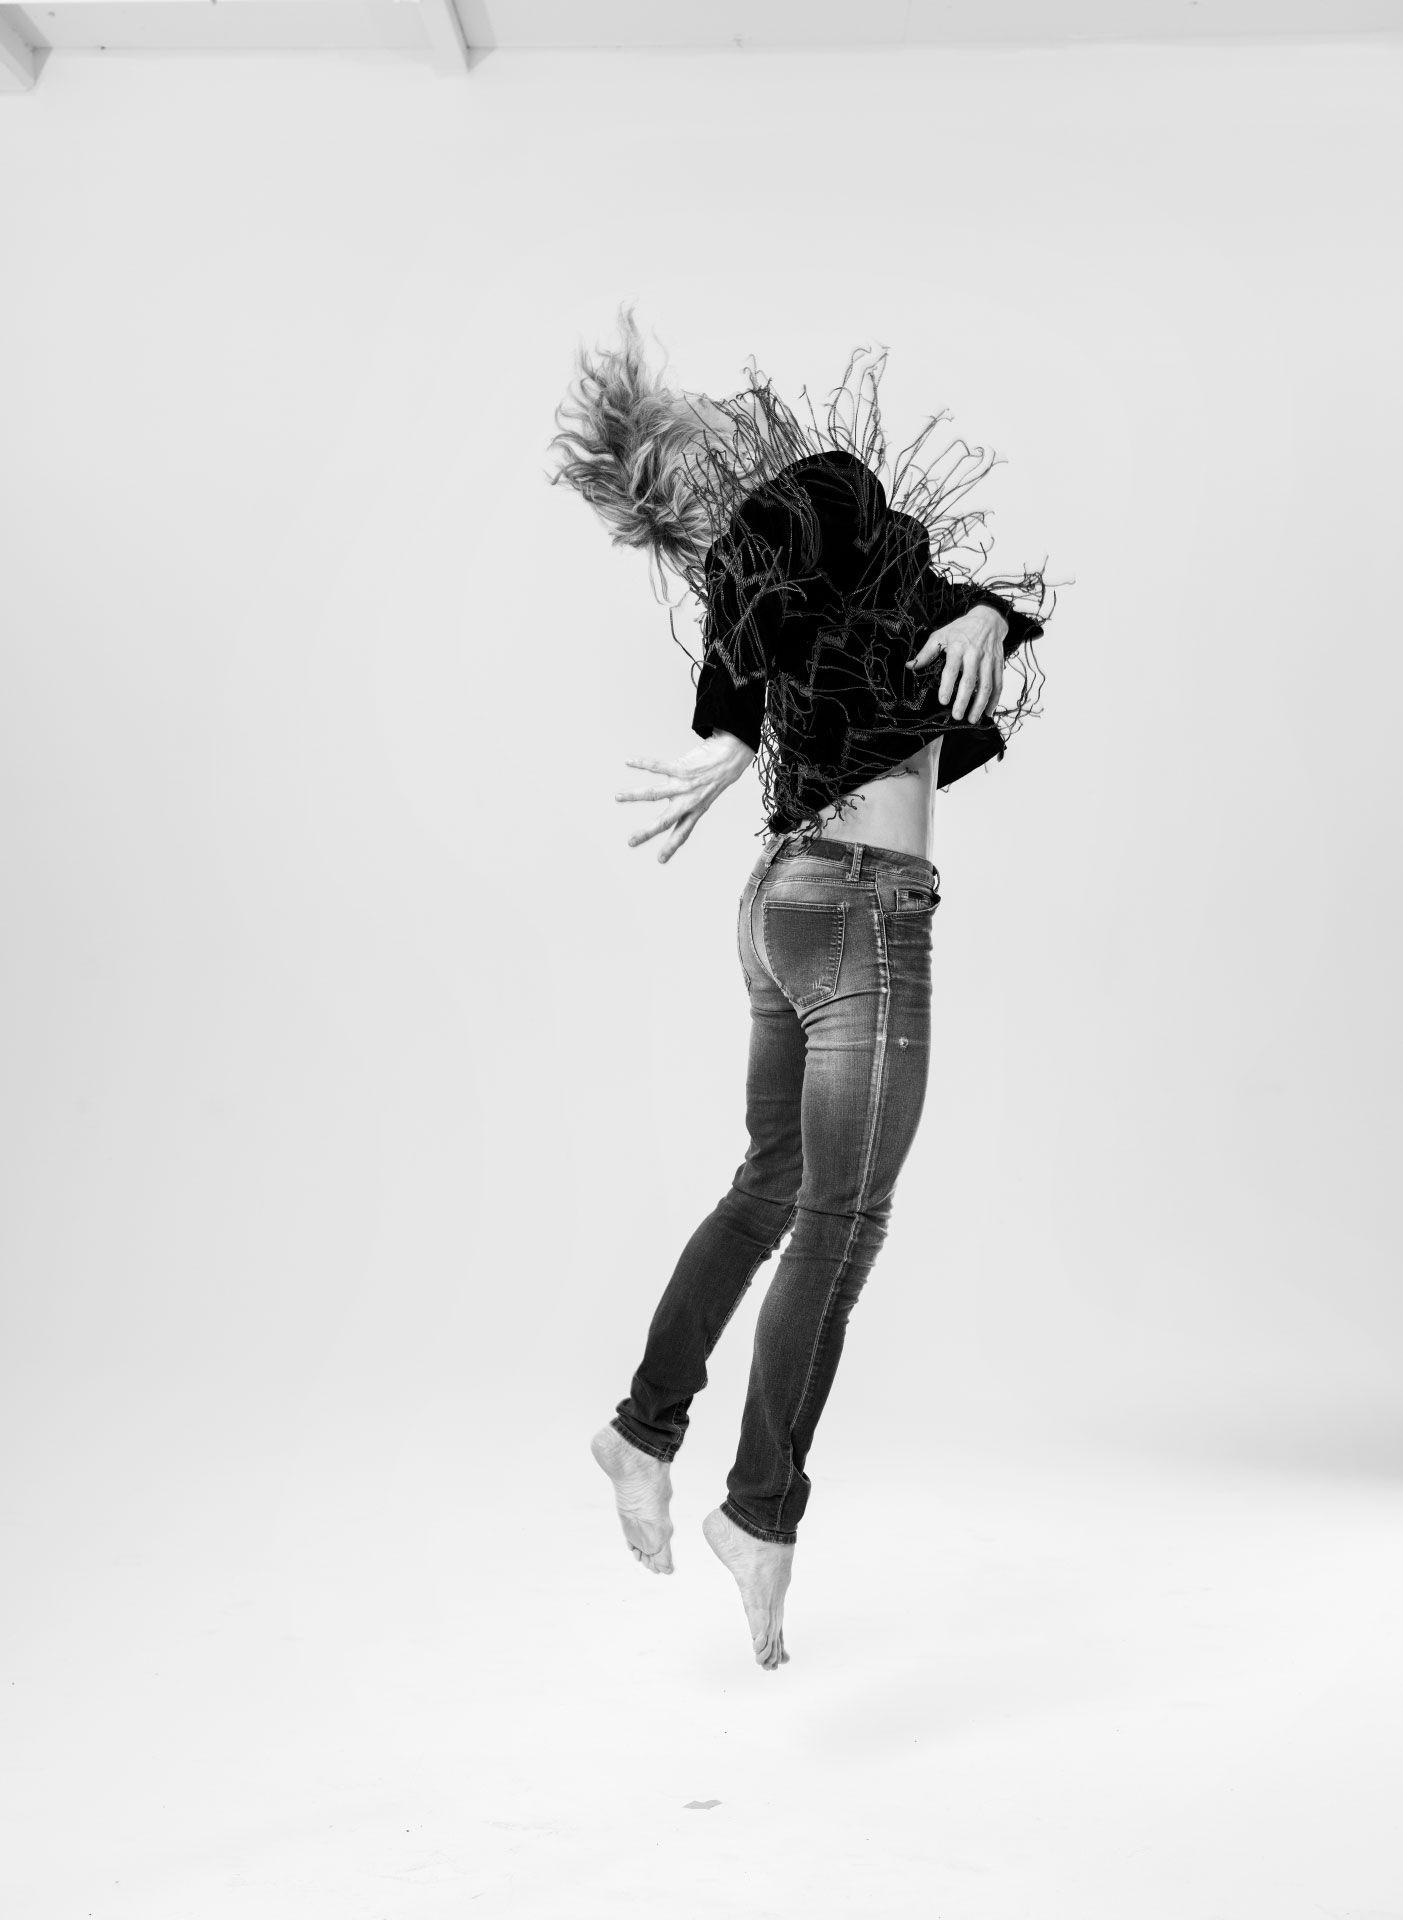 Photo plein pied en noir et blanc de Louise Lecavalier qui saute.